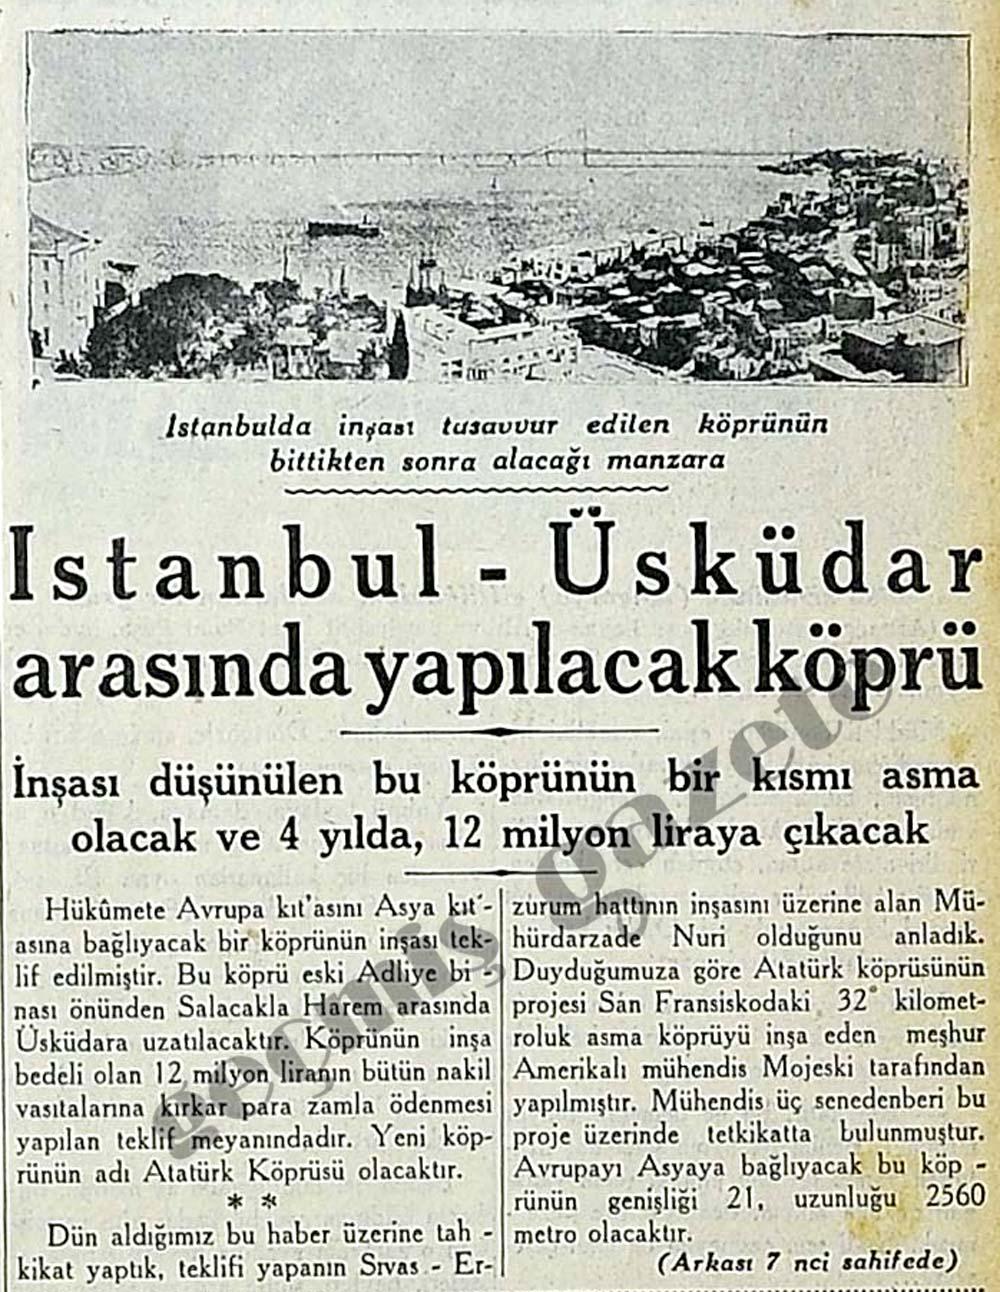 İstanbul-Üsküdar arasında yapılacak köprü